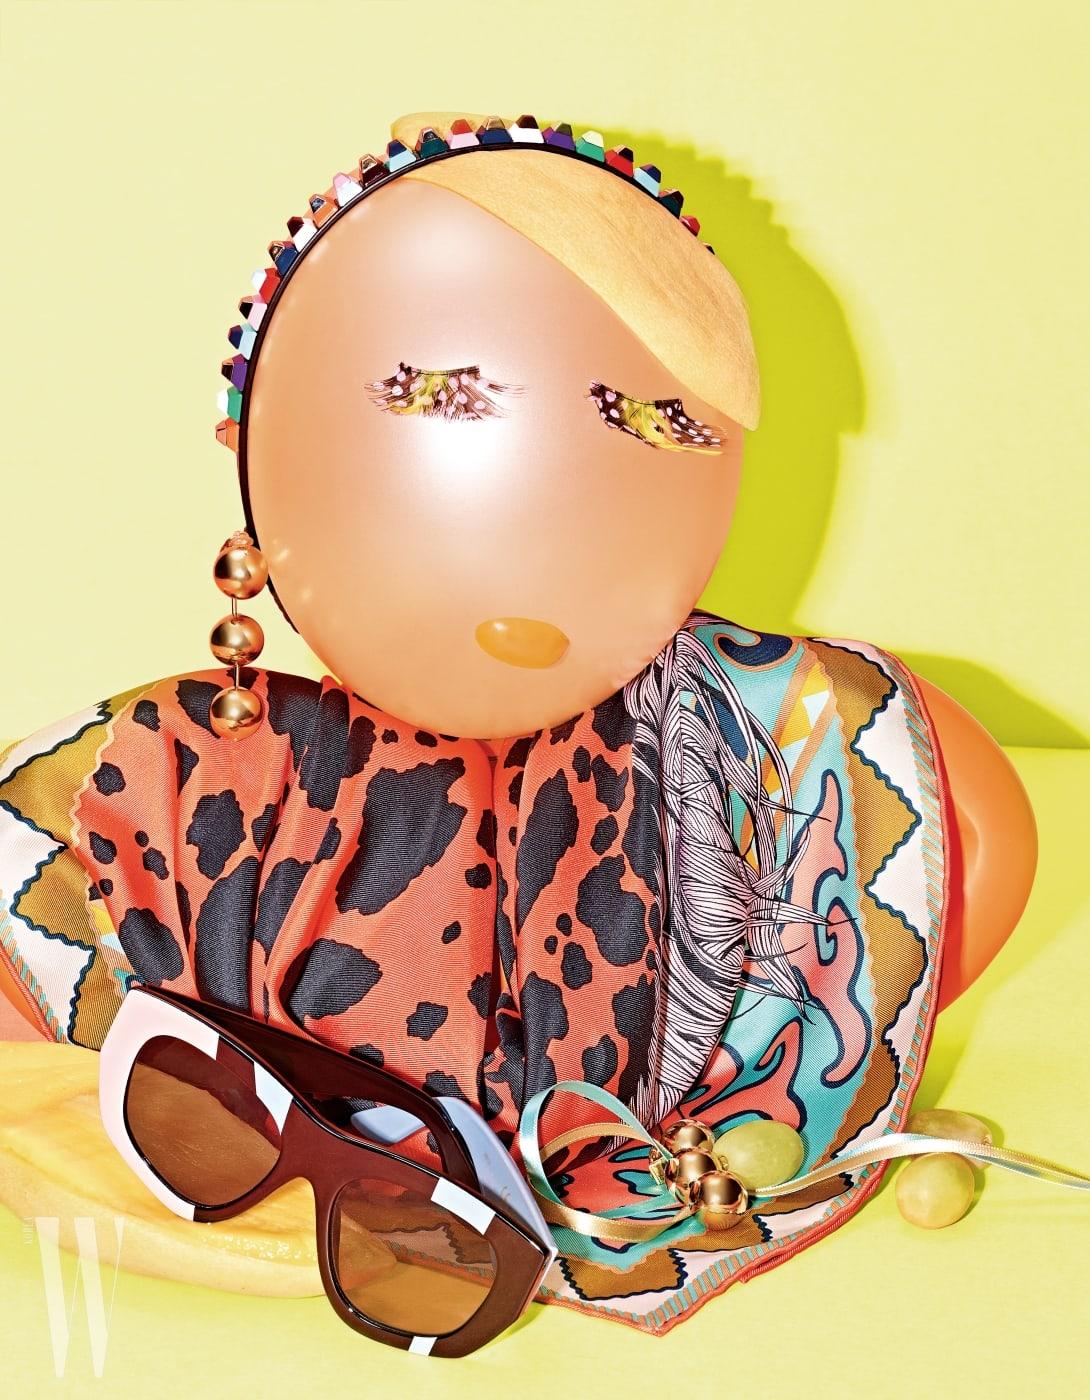 위부터 시계 방향   색색의 스톤 장식 헤드밴드는 Fendi, 강렬한 프린트가 인상적인 실크 스카프는 Hermes, 기하학적 패턴을 더한 프레임의 선글라스는 &otherstories, 금빛 메탈 장식의 드롭형 귀고리는 Balenciaga 제품.